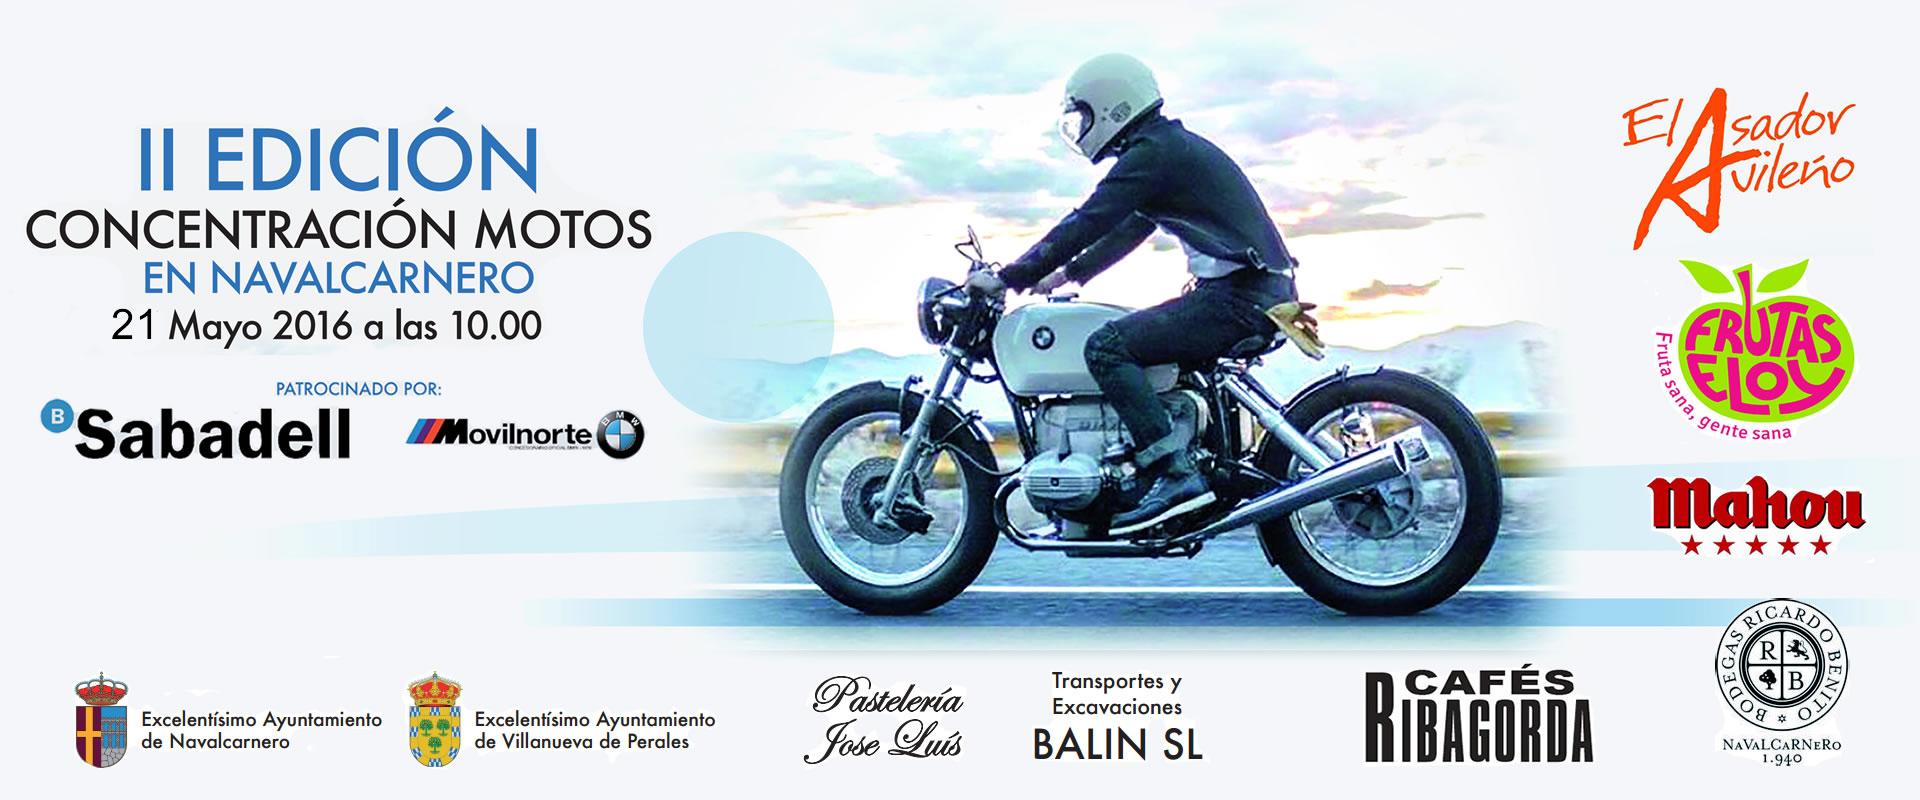 Disfruta de nuestro cocido y comparte la experiencia con las motos